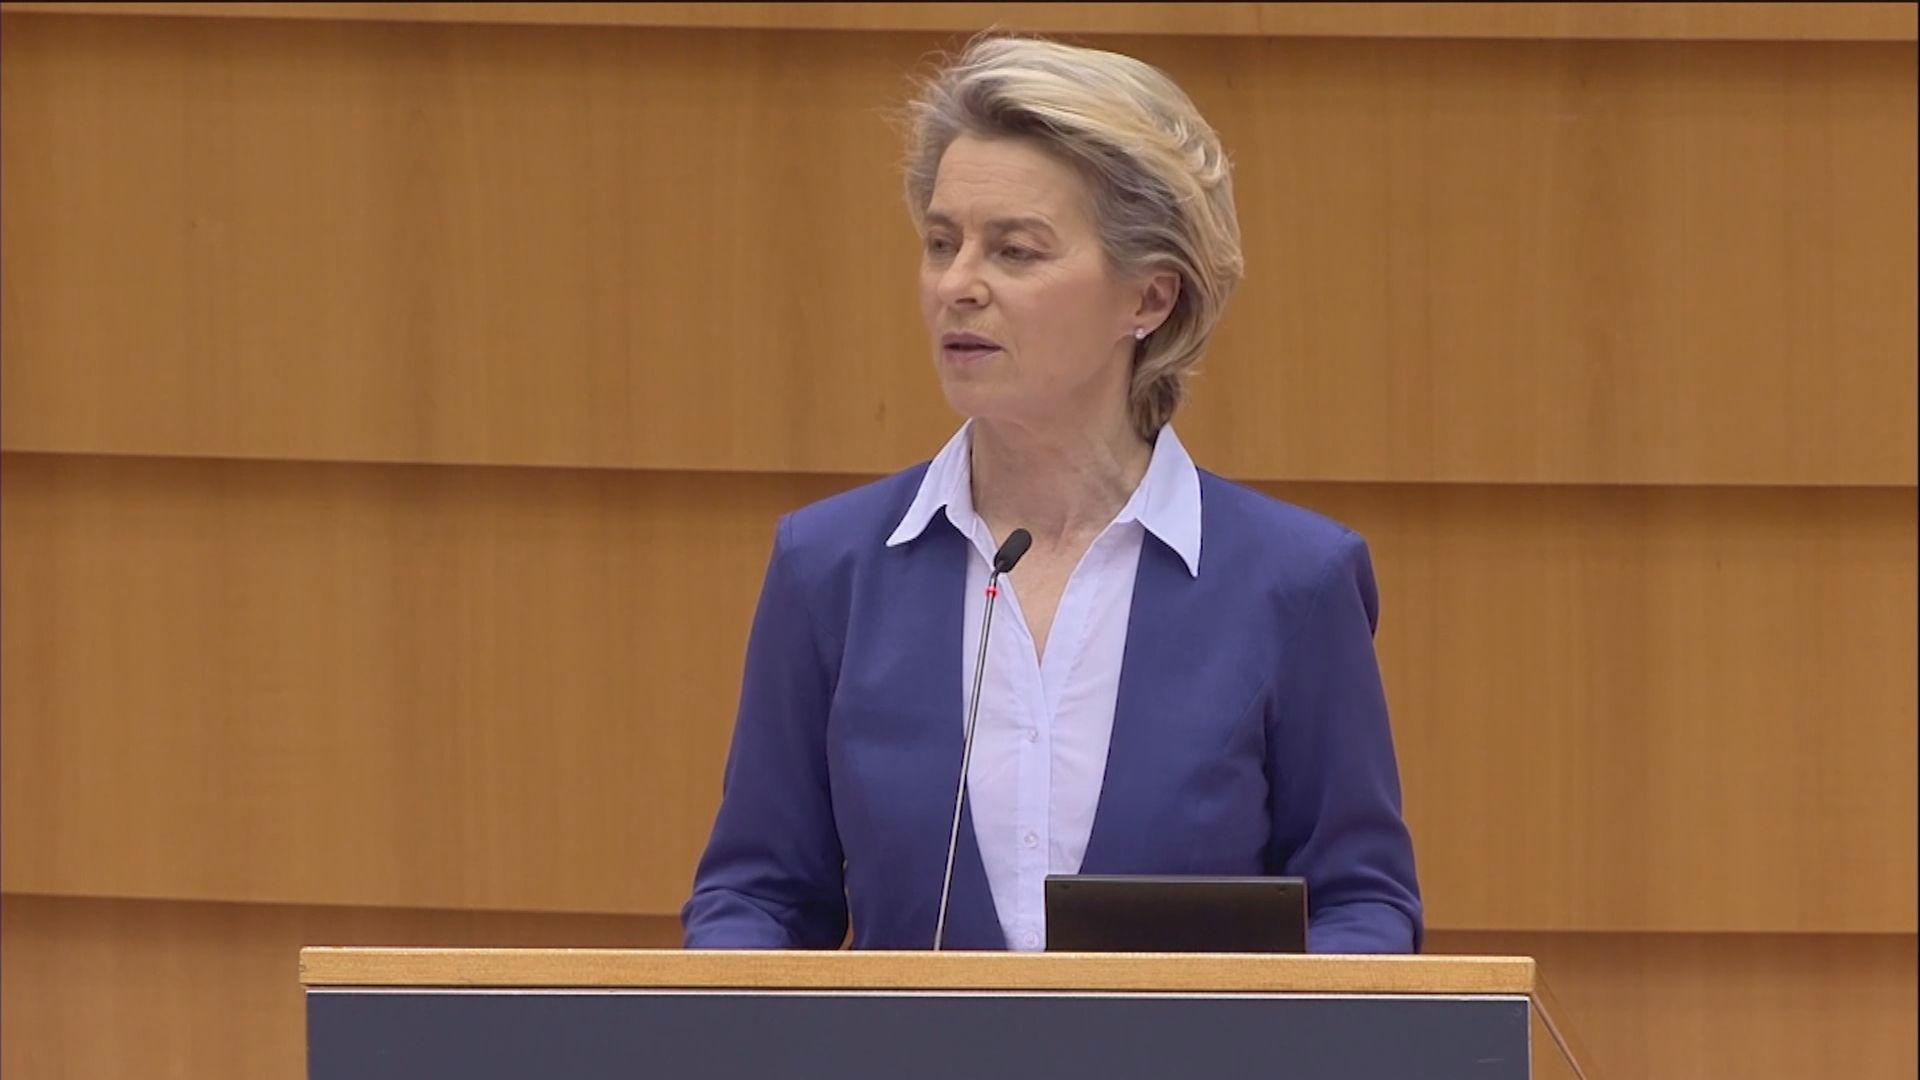 歐盟恭賀拜登就職 指歐洲在白宮終於有一位朋友